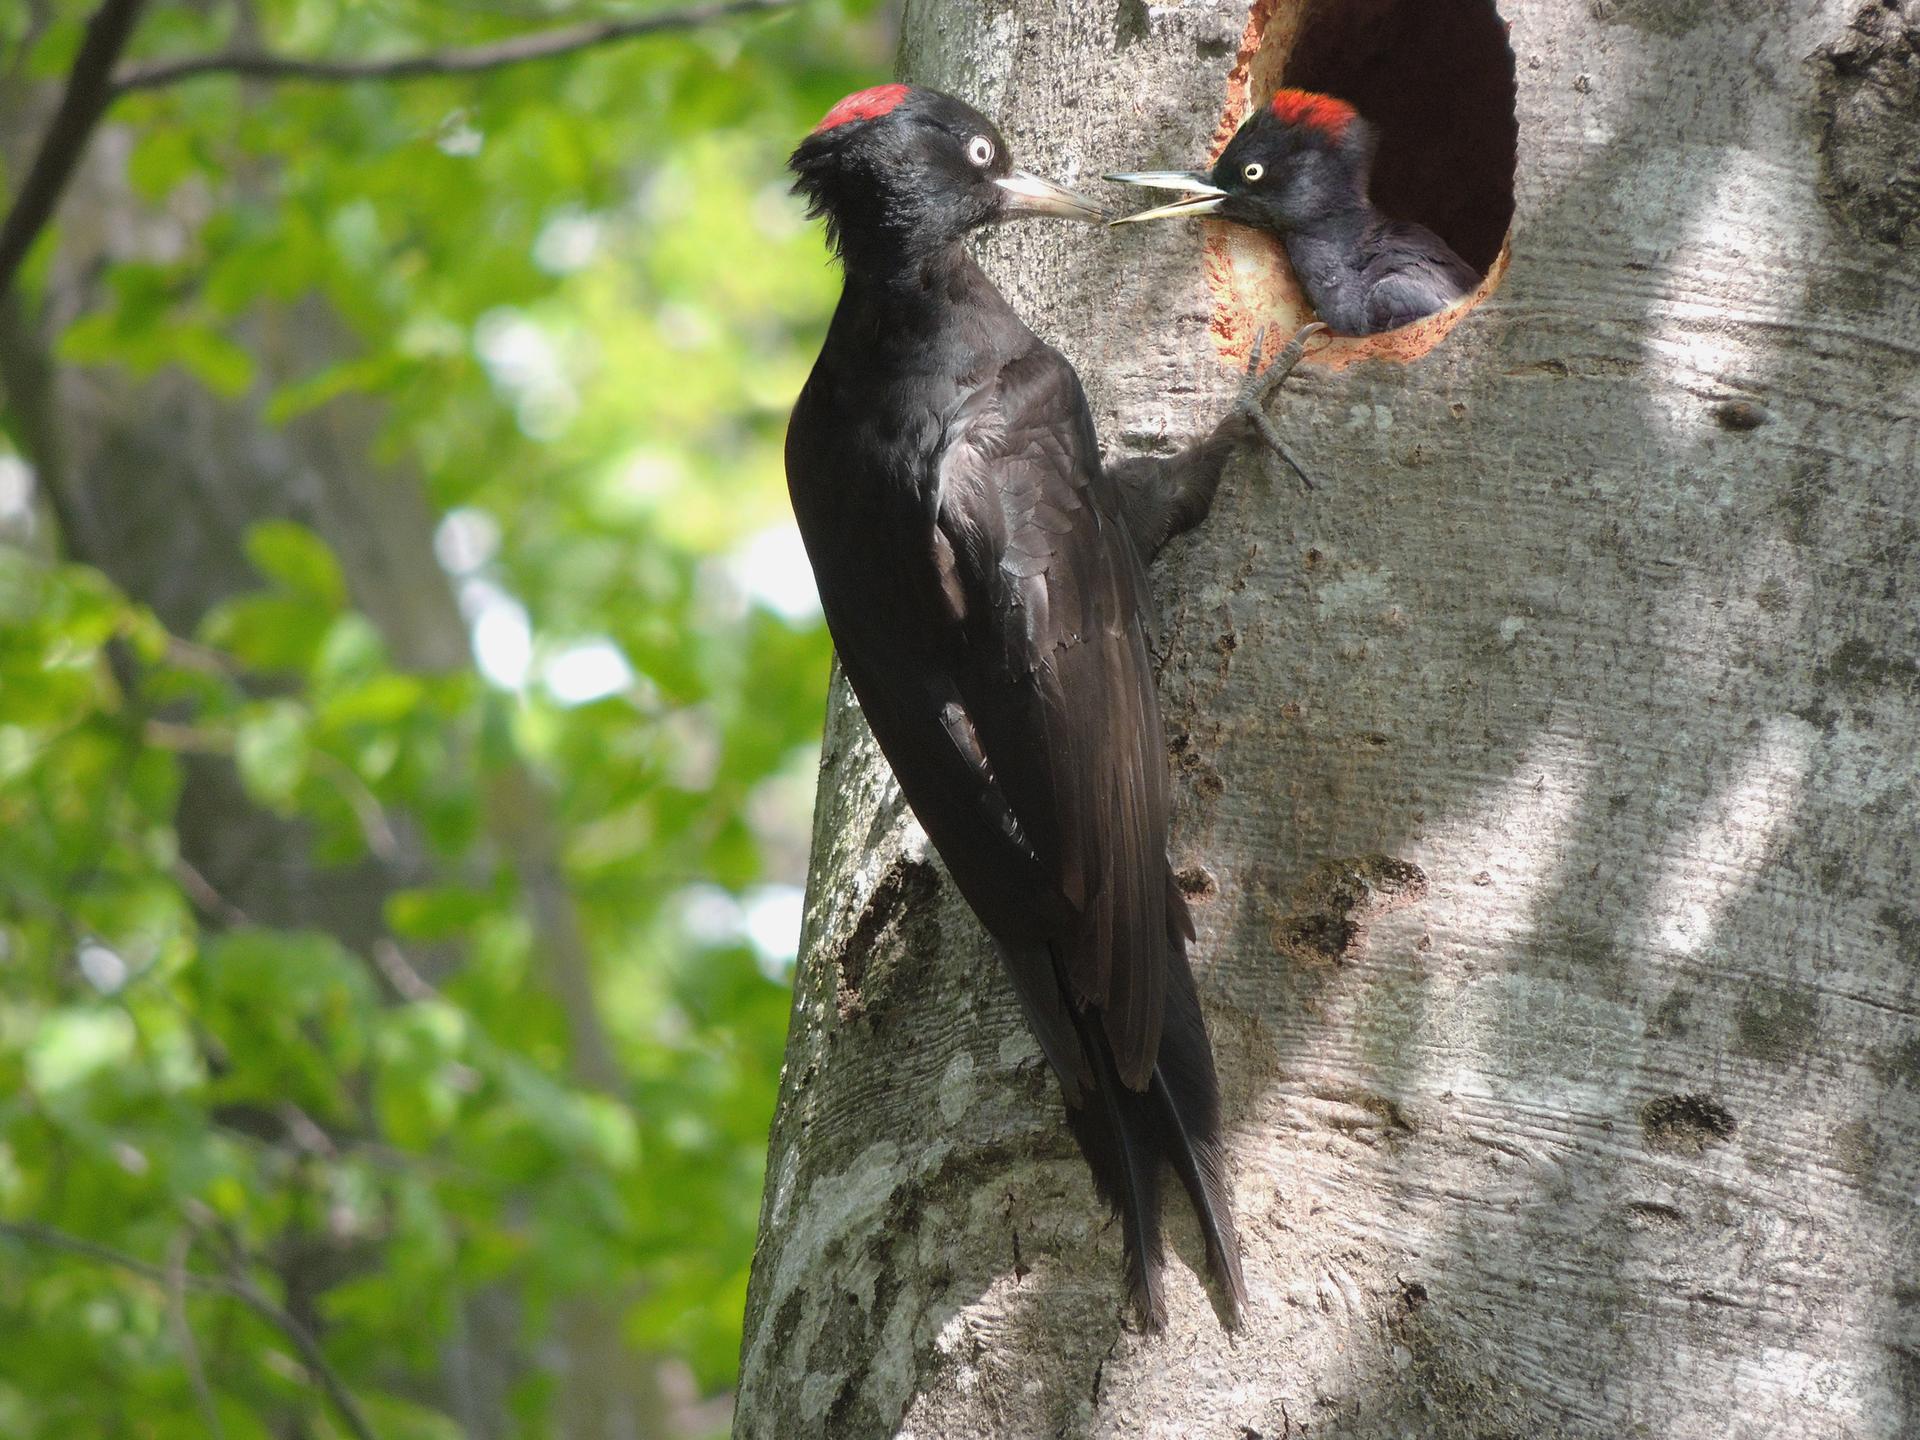 Fotografia przestawia zbliżenie szarego pnia drzewa. Zprawej zaczepiony pazurami przy otworze dziupli siedzi smukły czarny dzięcioł zczerwoną czapeczką. Wkłada swój dziób do otwartego dzioba małego dzięcioła, wychylającego głowę zdziupli.